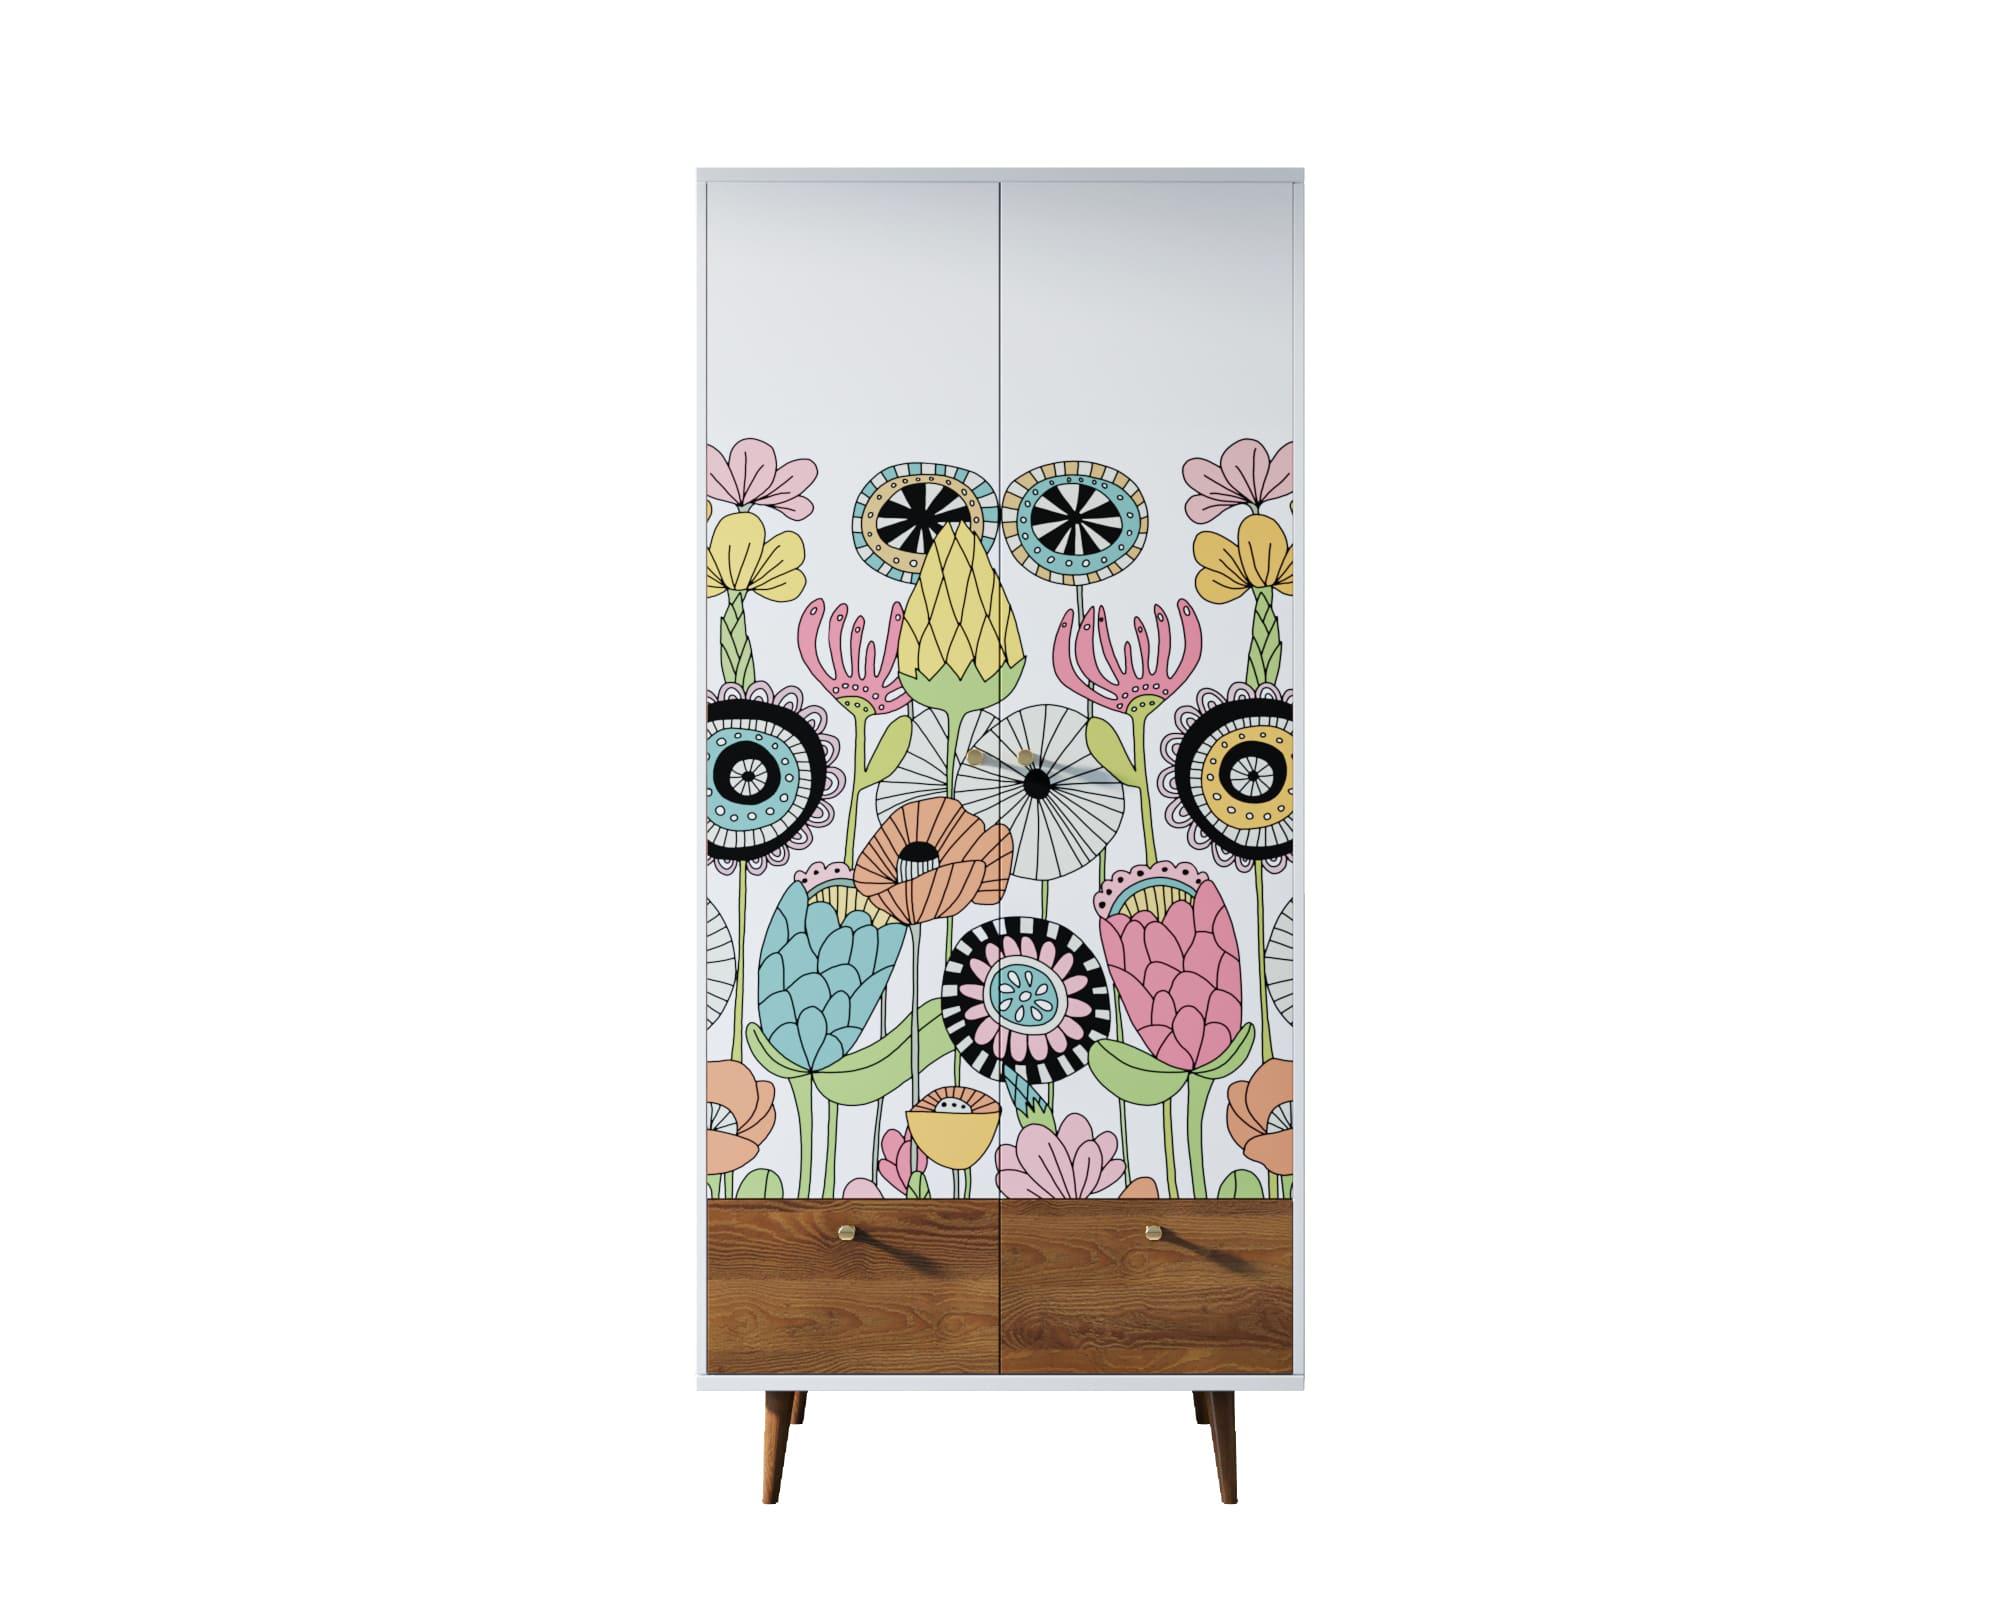 Шкаф berber (etg-home) мультиколор 90x200x50 см. фото